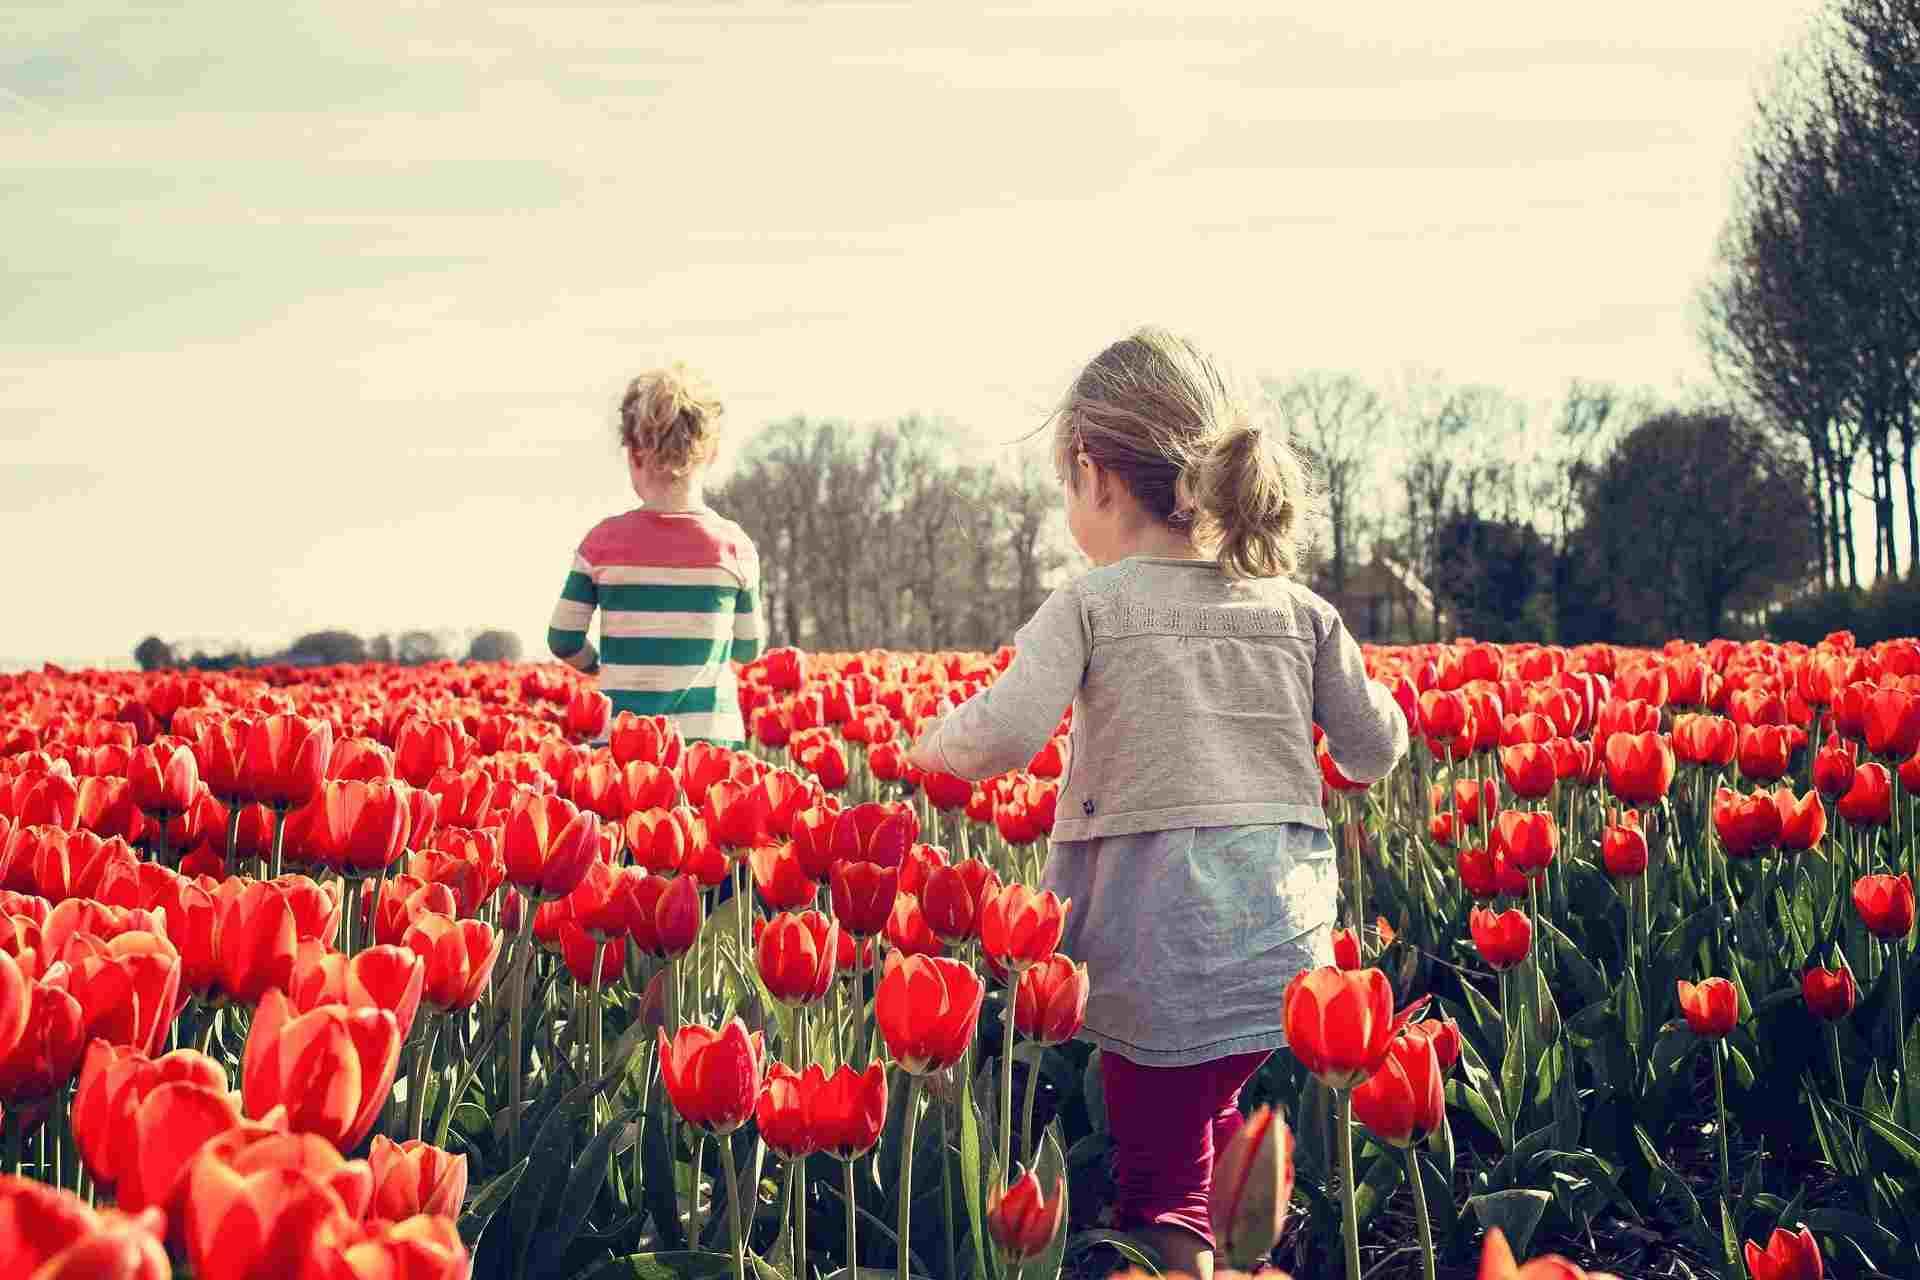 1 июня весь мир отмечает день защиты детей. А о чем вы мечтали в детстве?